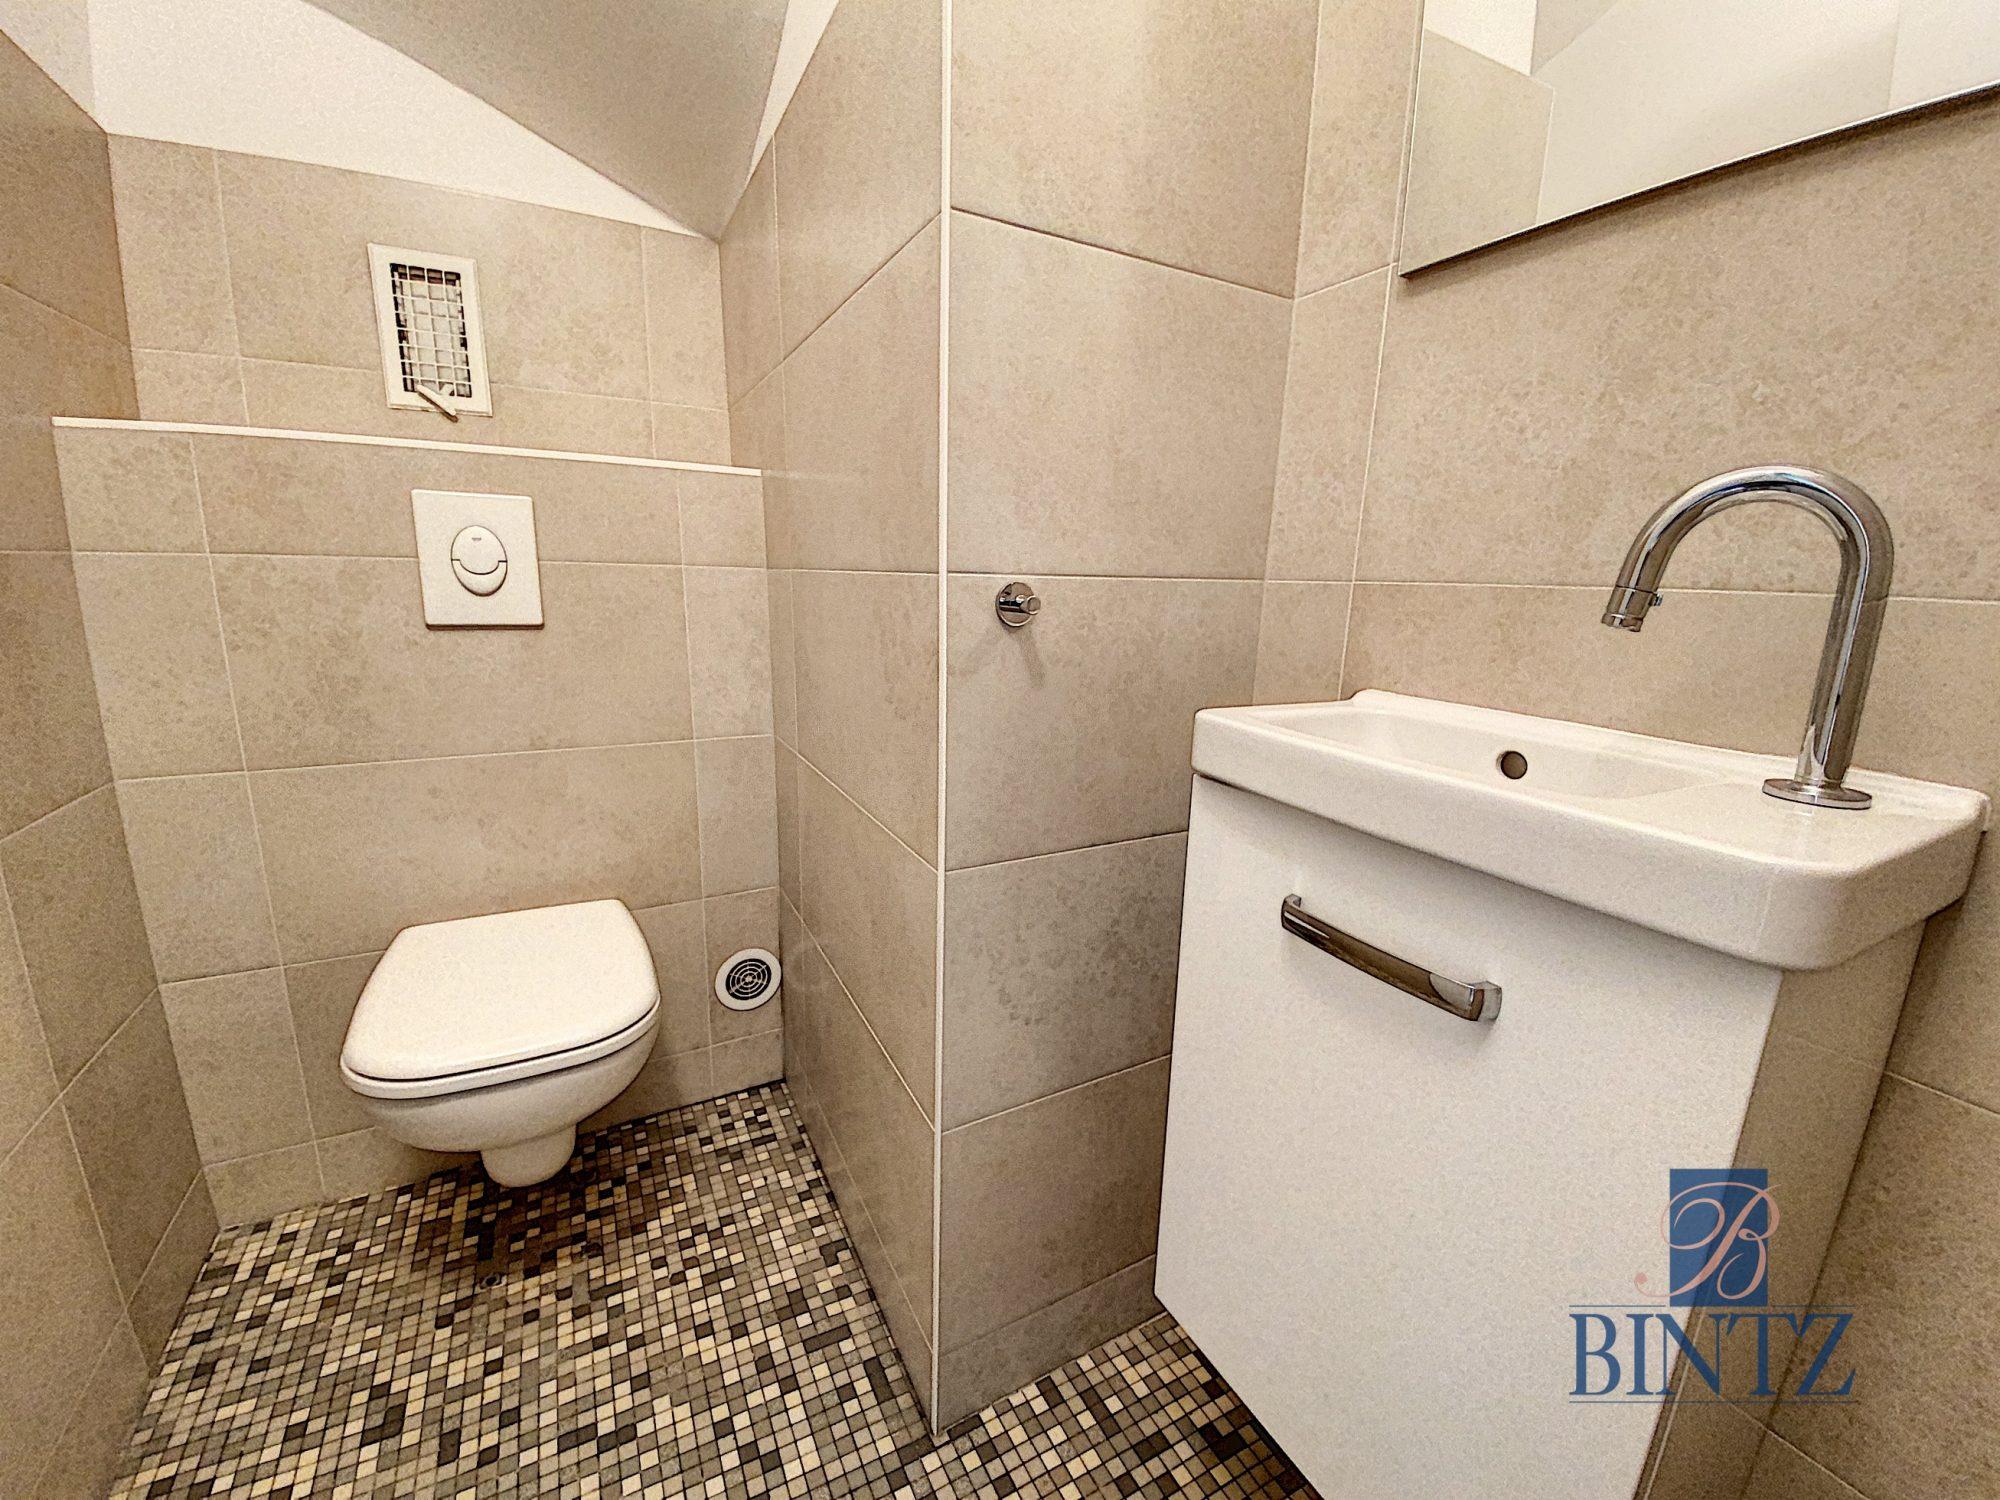 5 PIÈCES QUARTIER CONTADES - Devenez locataire en toute sérénité - Bintz Immobilier - 8